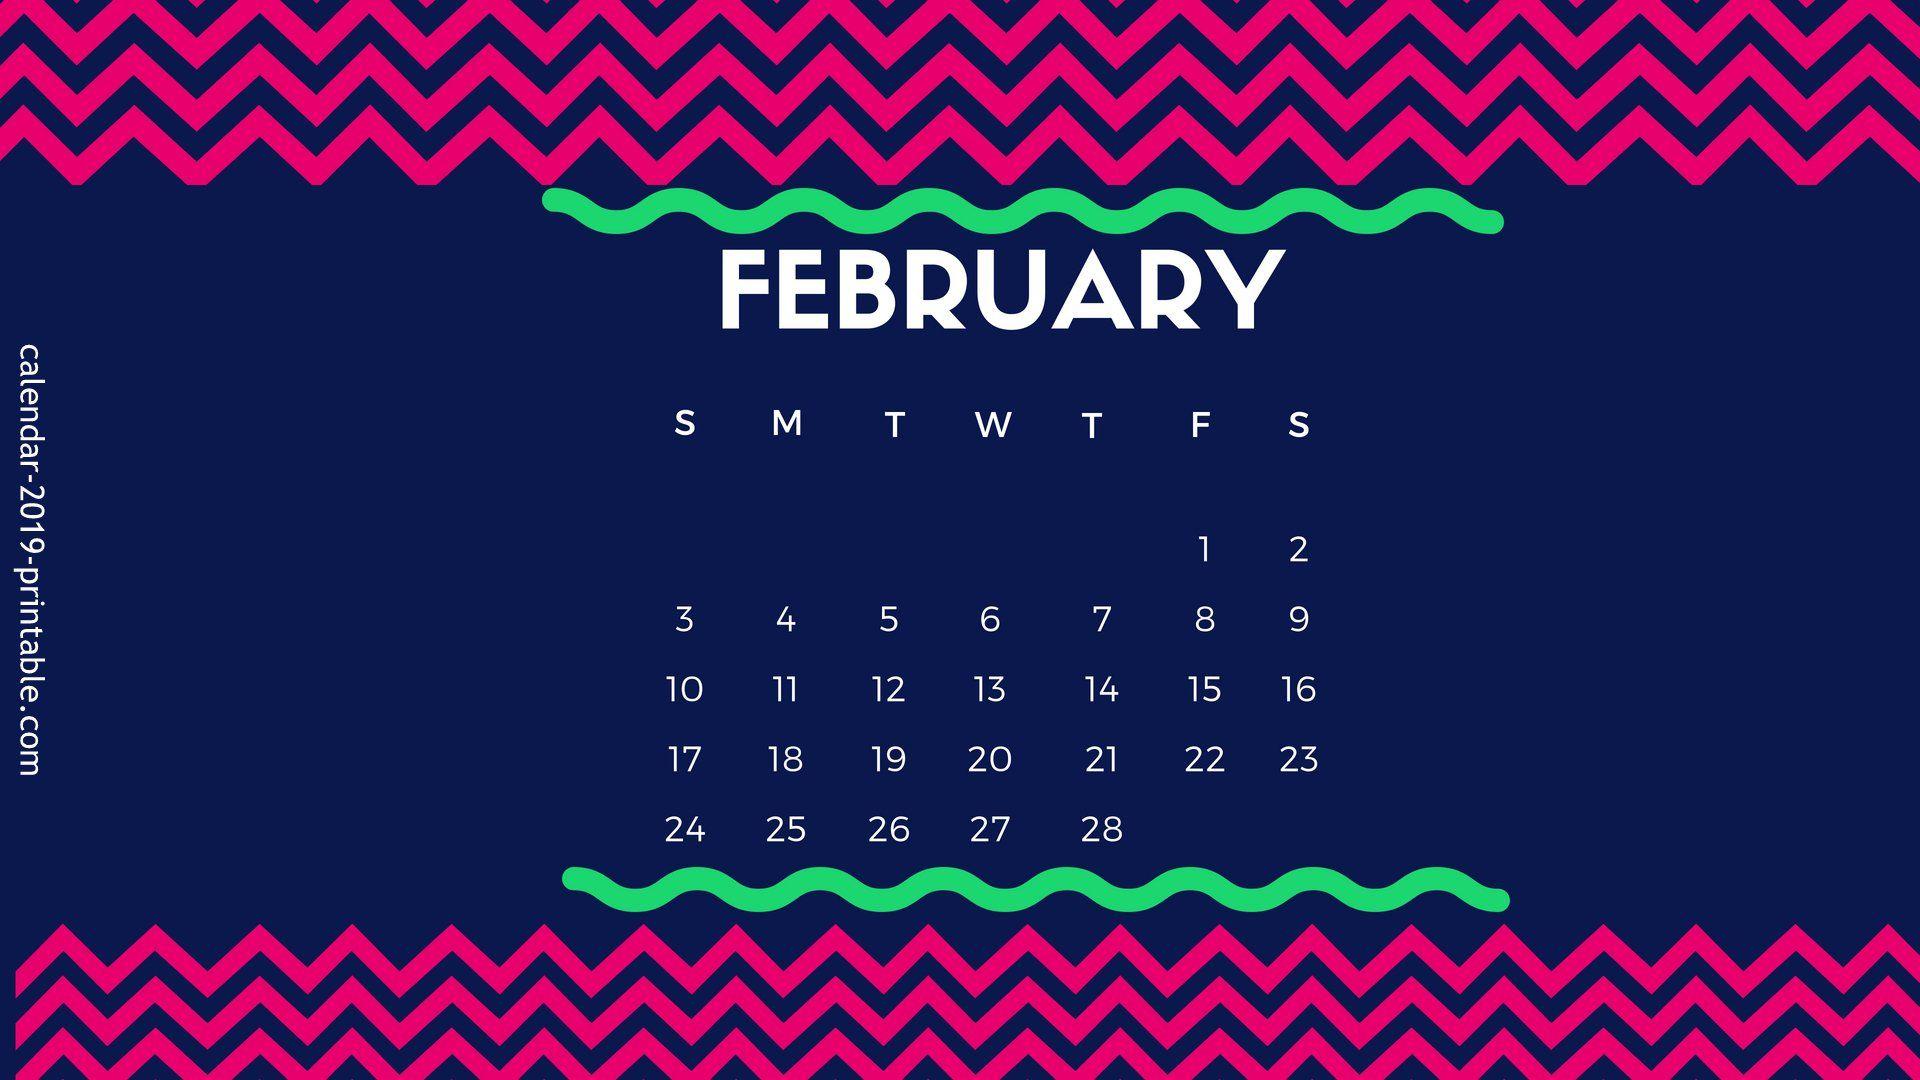 February 2019 Desktop Calendar Calendar Wallpaper Desktop Calendar 2019 Calendar